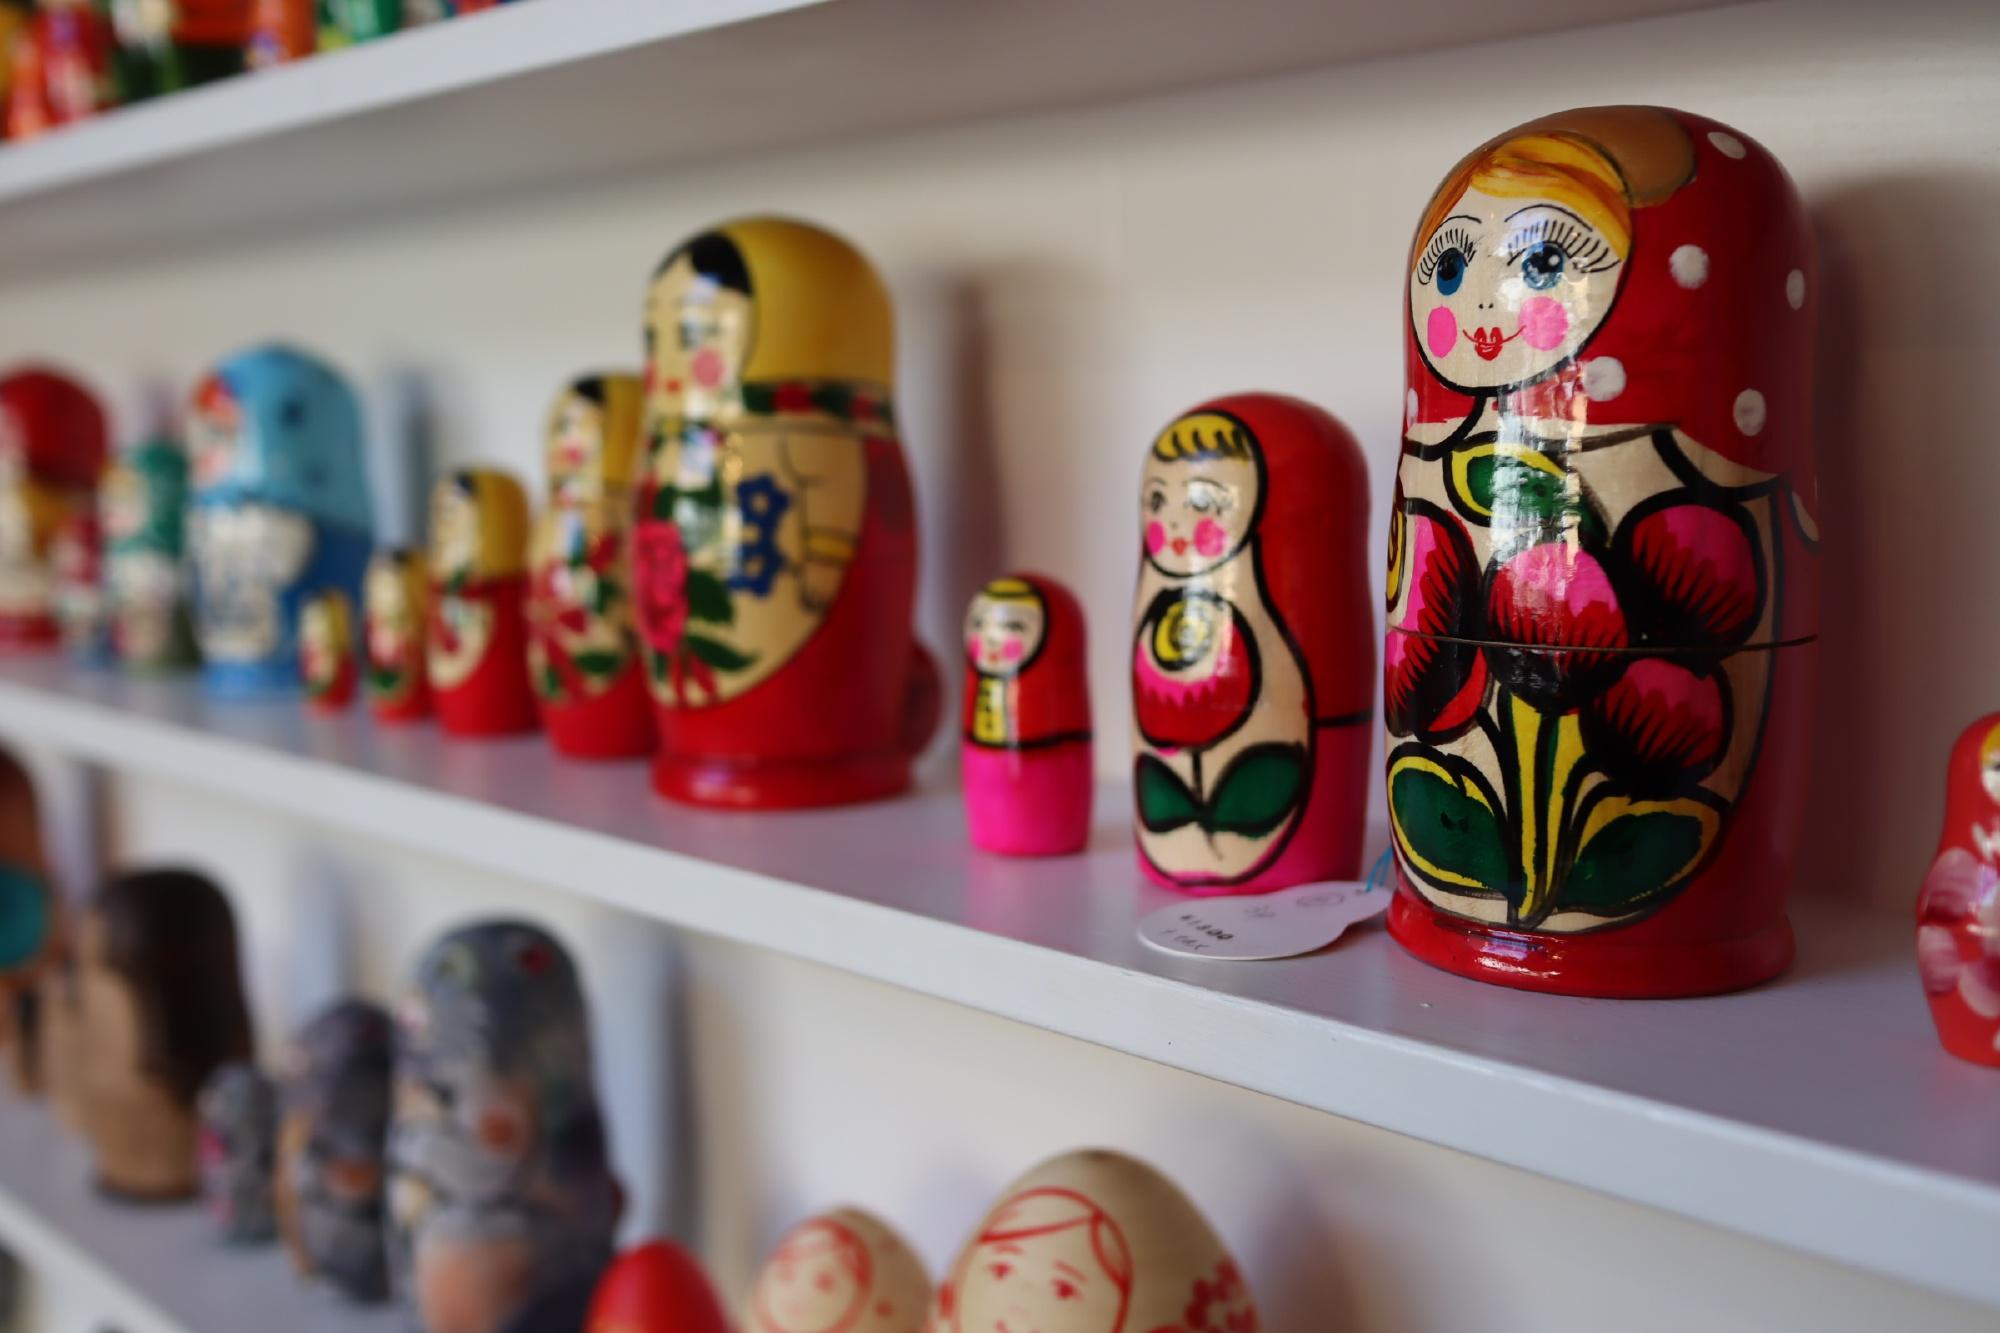 日本の伝統こけしとマトリョーシカの専門店「コケーシカ」@神奈川県鎌倉市